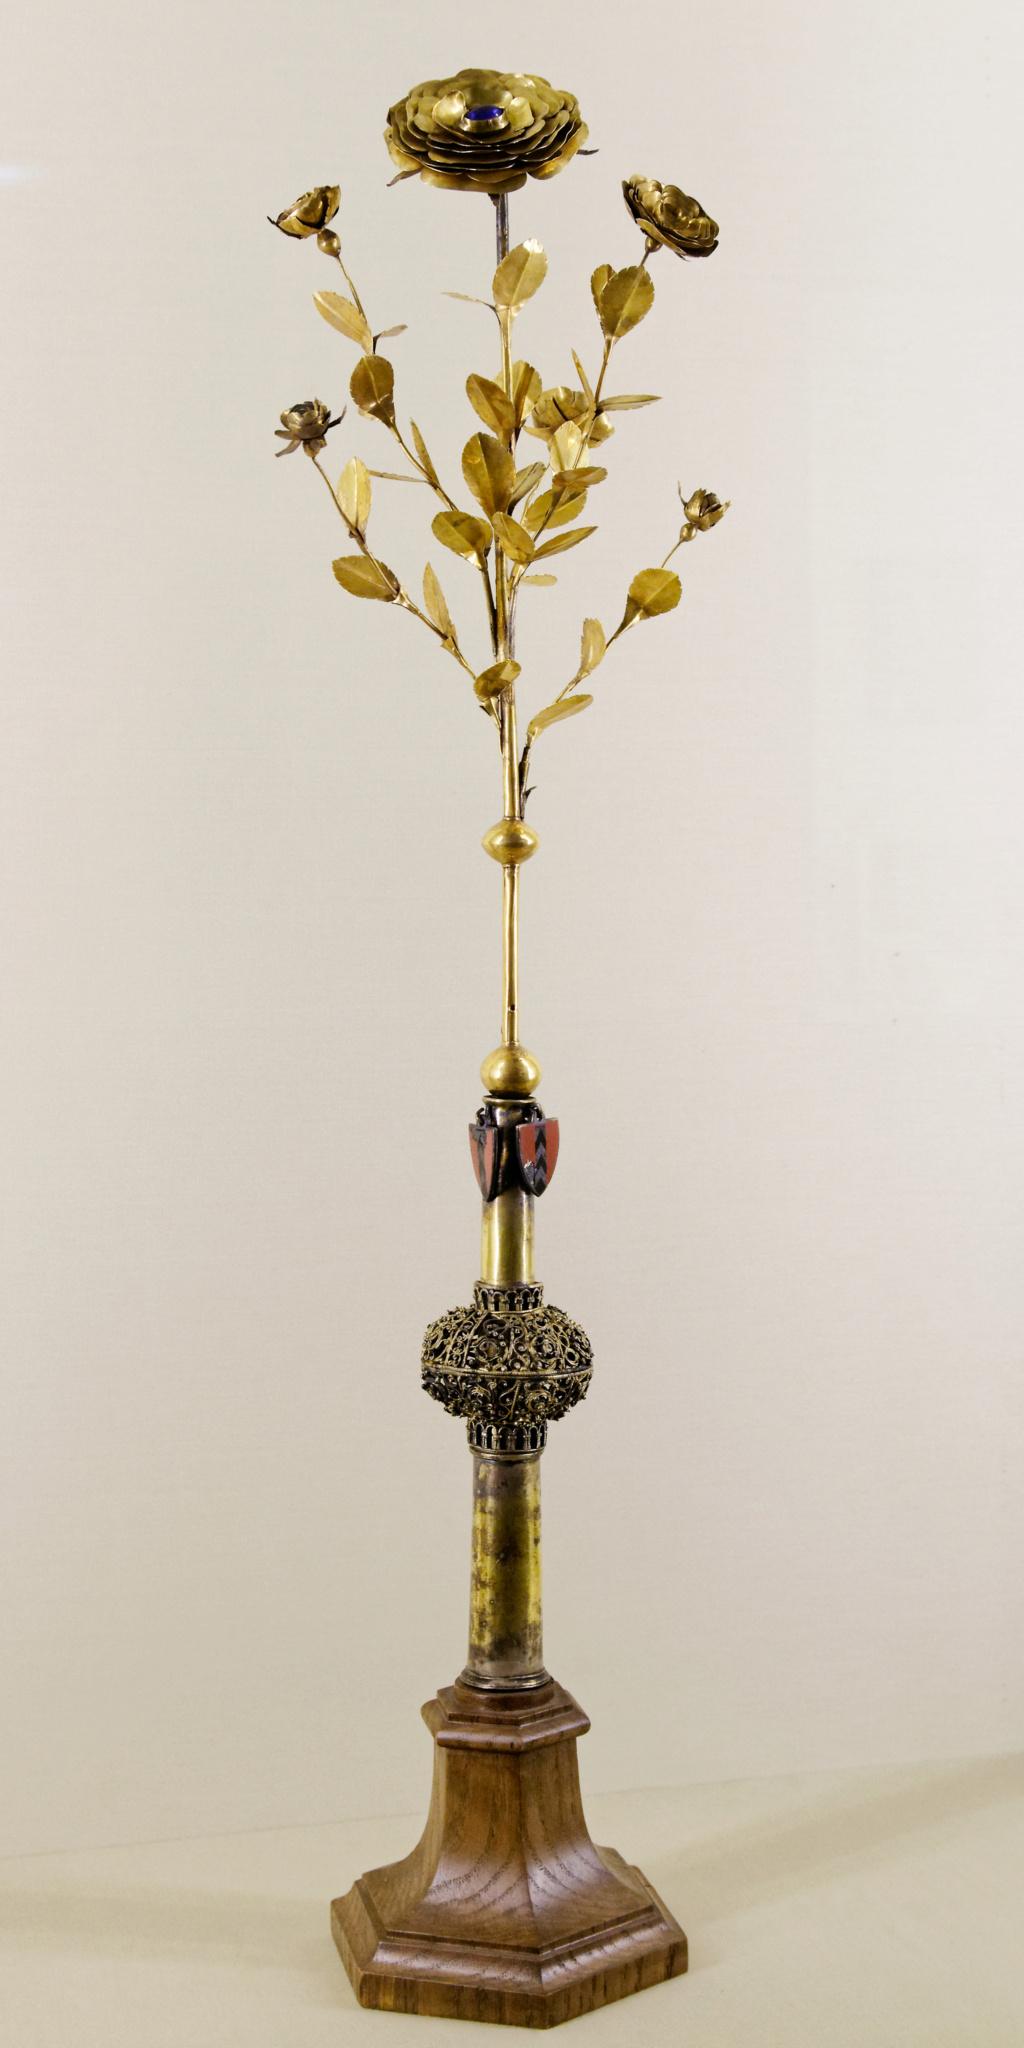 Les Roses d'or ou Roses bénites. L'exemplaire offert par le pape Clément XIV à la reine Marie-Caroline de Naples Golden10